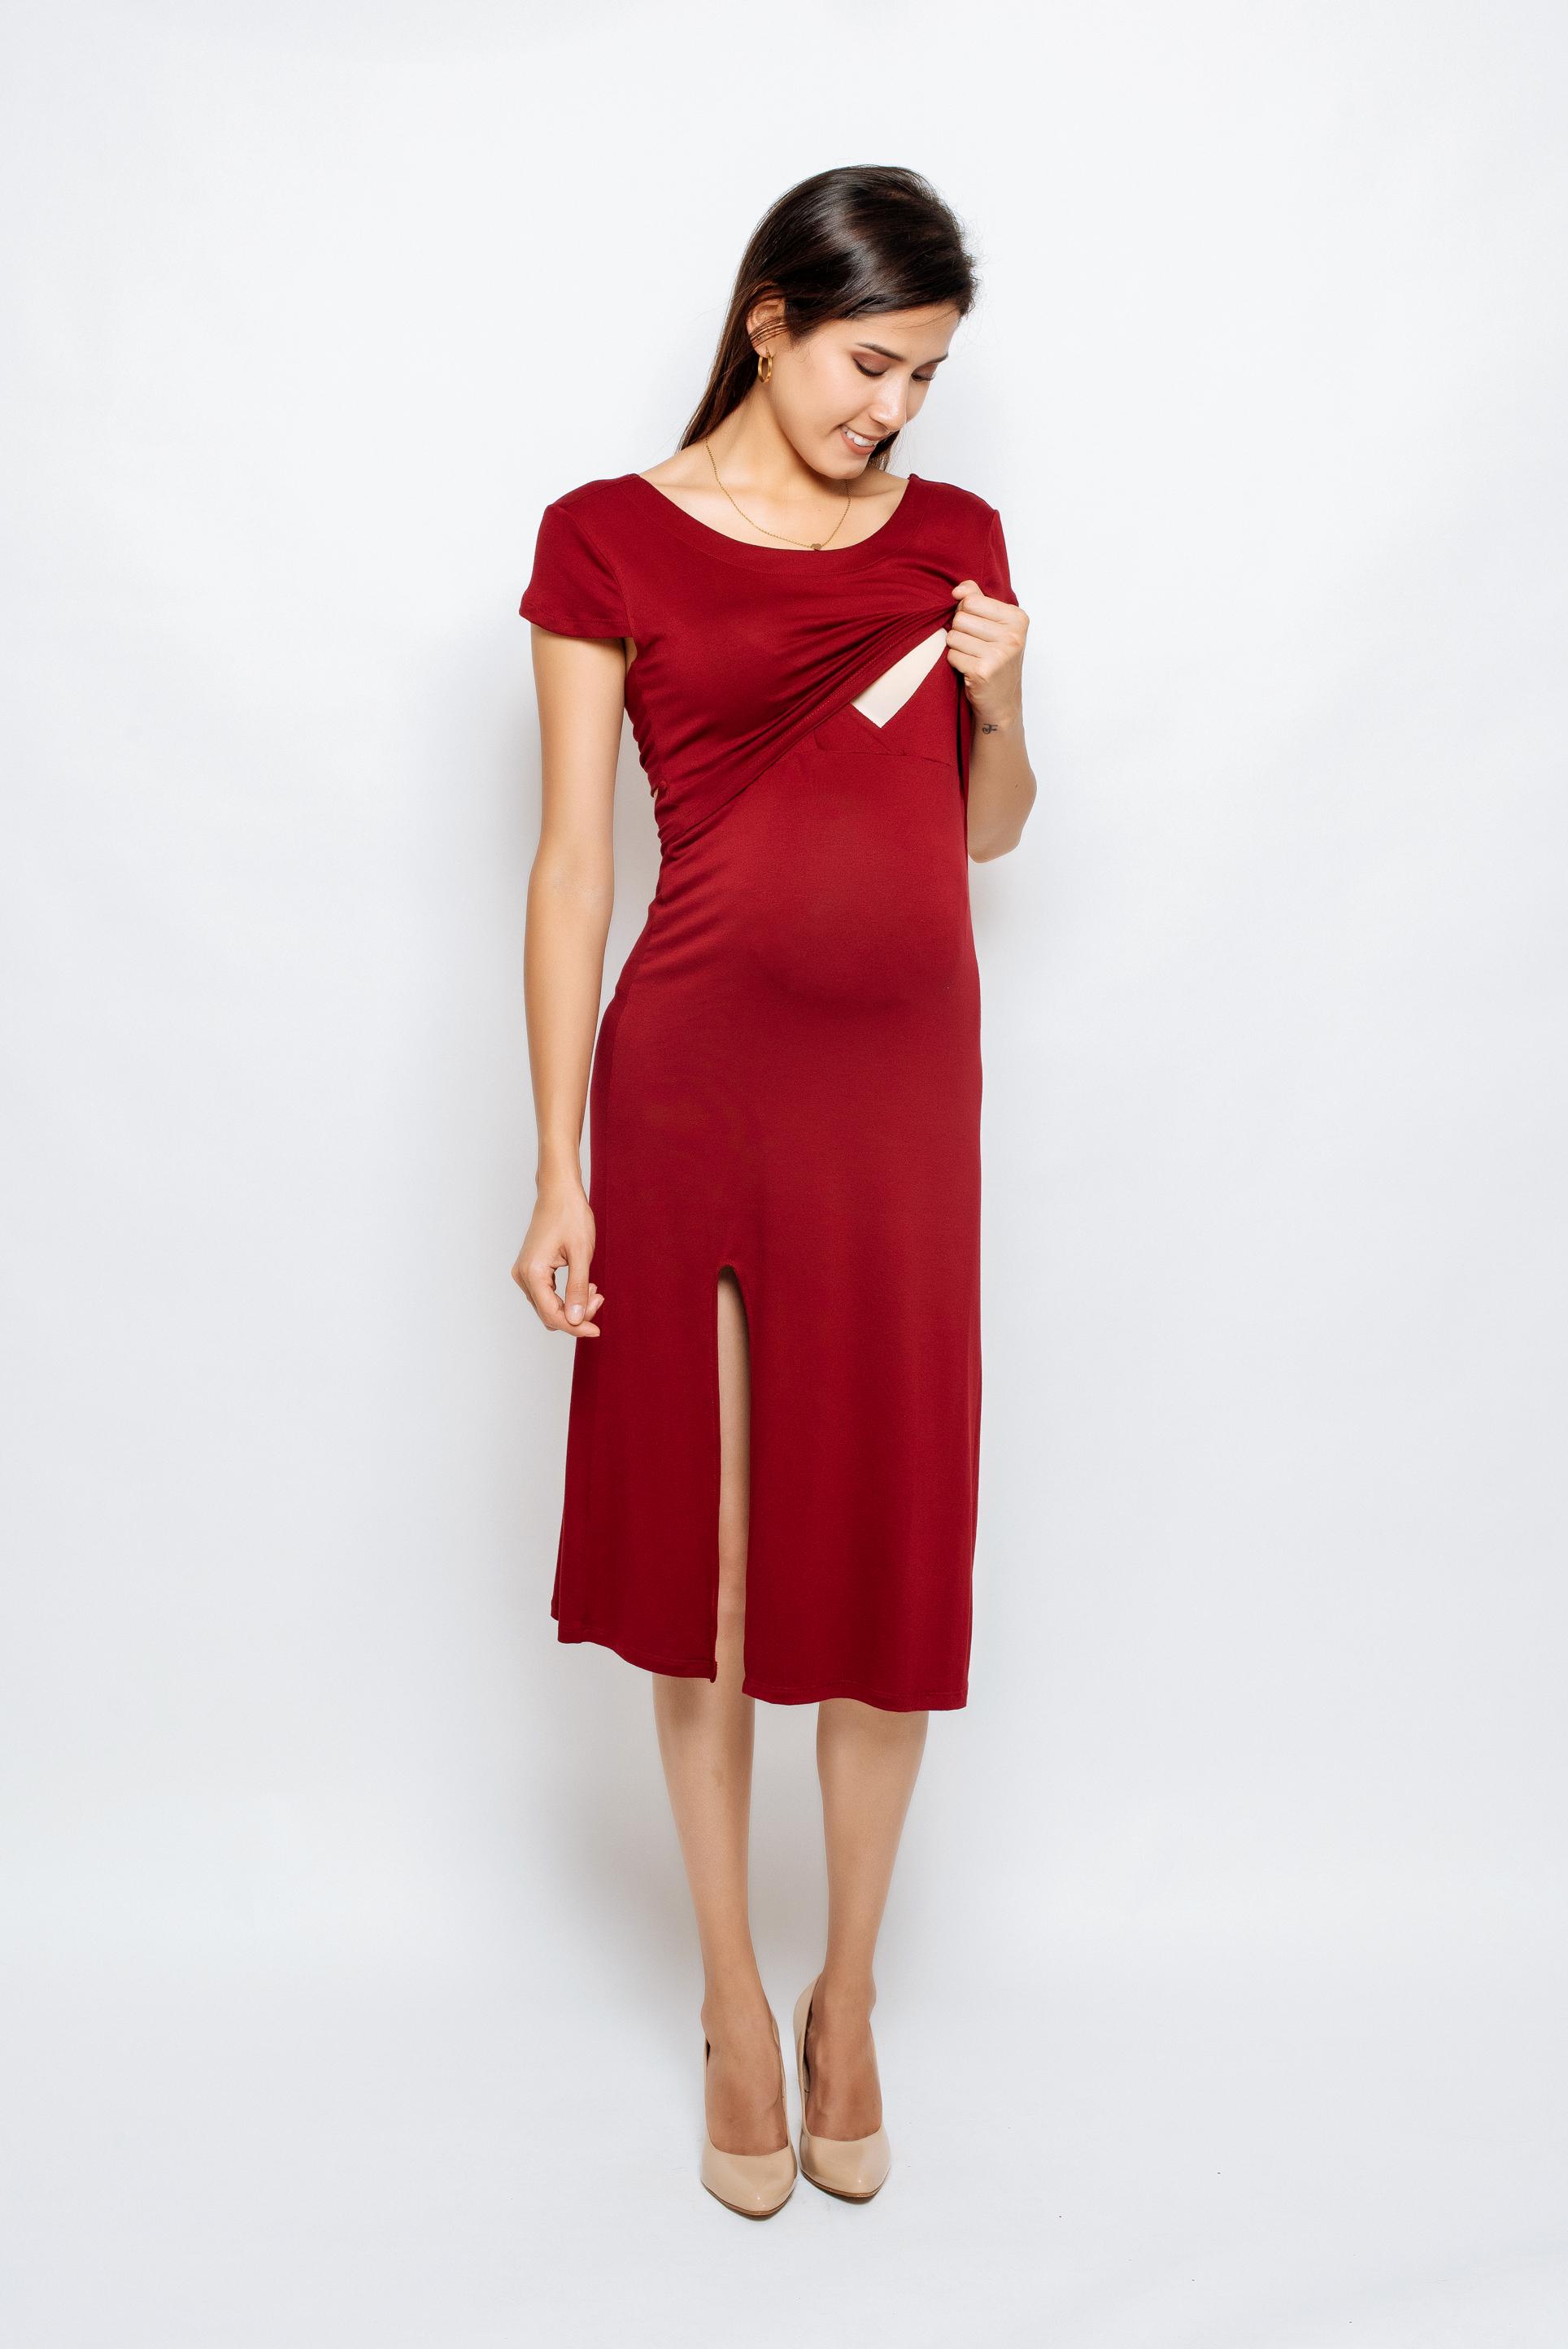 fb379fd05 2046-06 vestido materno-lactancia Larisa-visc (2) ...